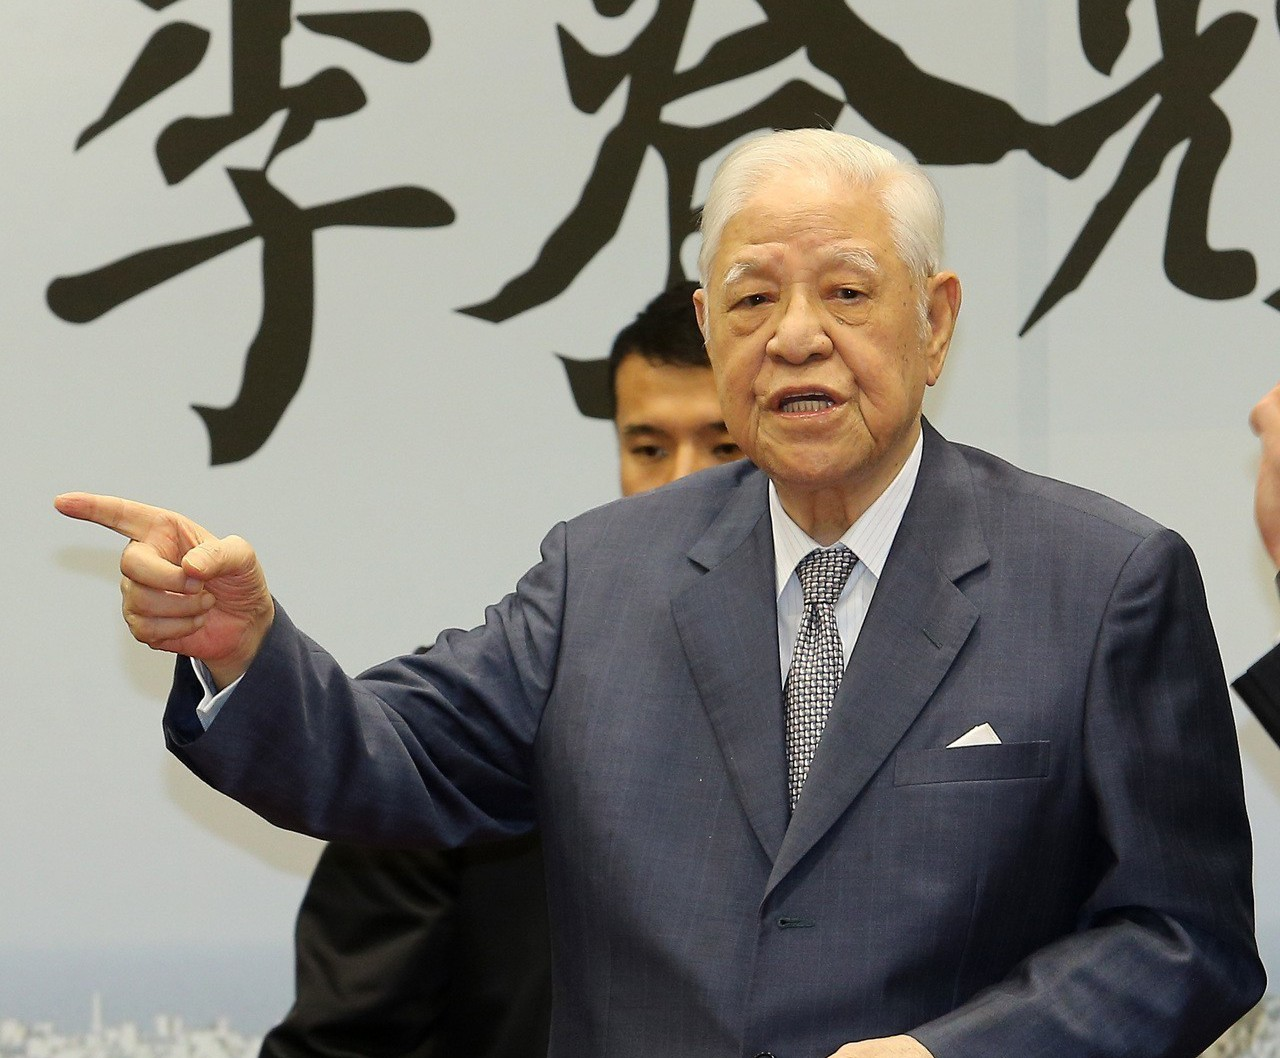 台北市長柯文哲前天拜會前總統李登輝,李順勢提到,「啊他們(指執政黨)就沒有人,不...